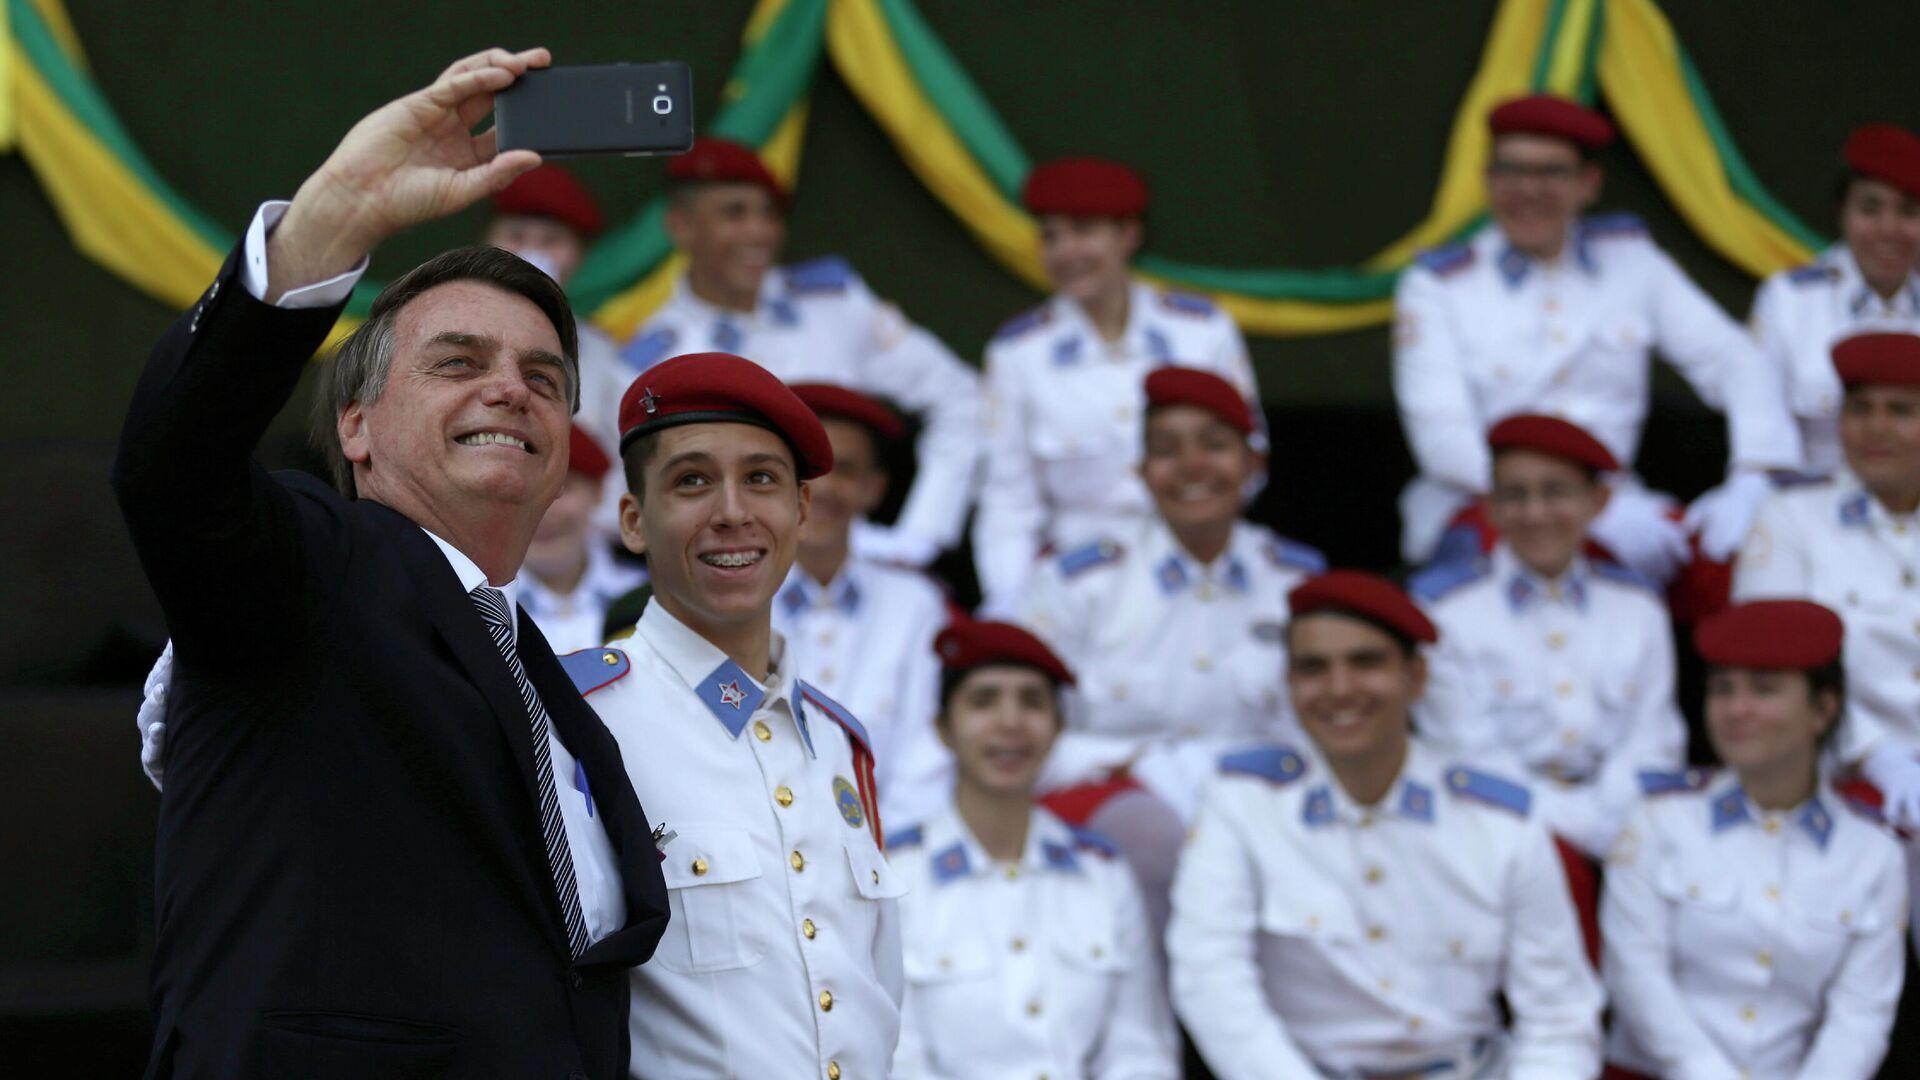 El presidente de Brasil, Jair Bolsonaro, junto a estudiantes de la Escuela Militar en 2019 - Sputnik Mundo, 1920, 01.04.2021